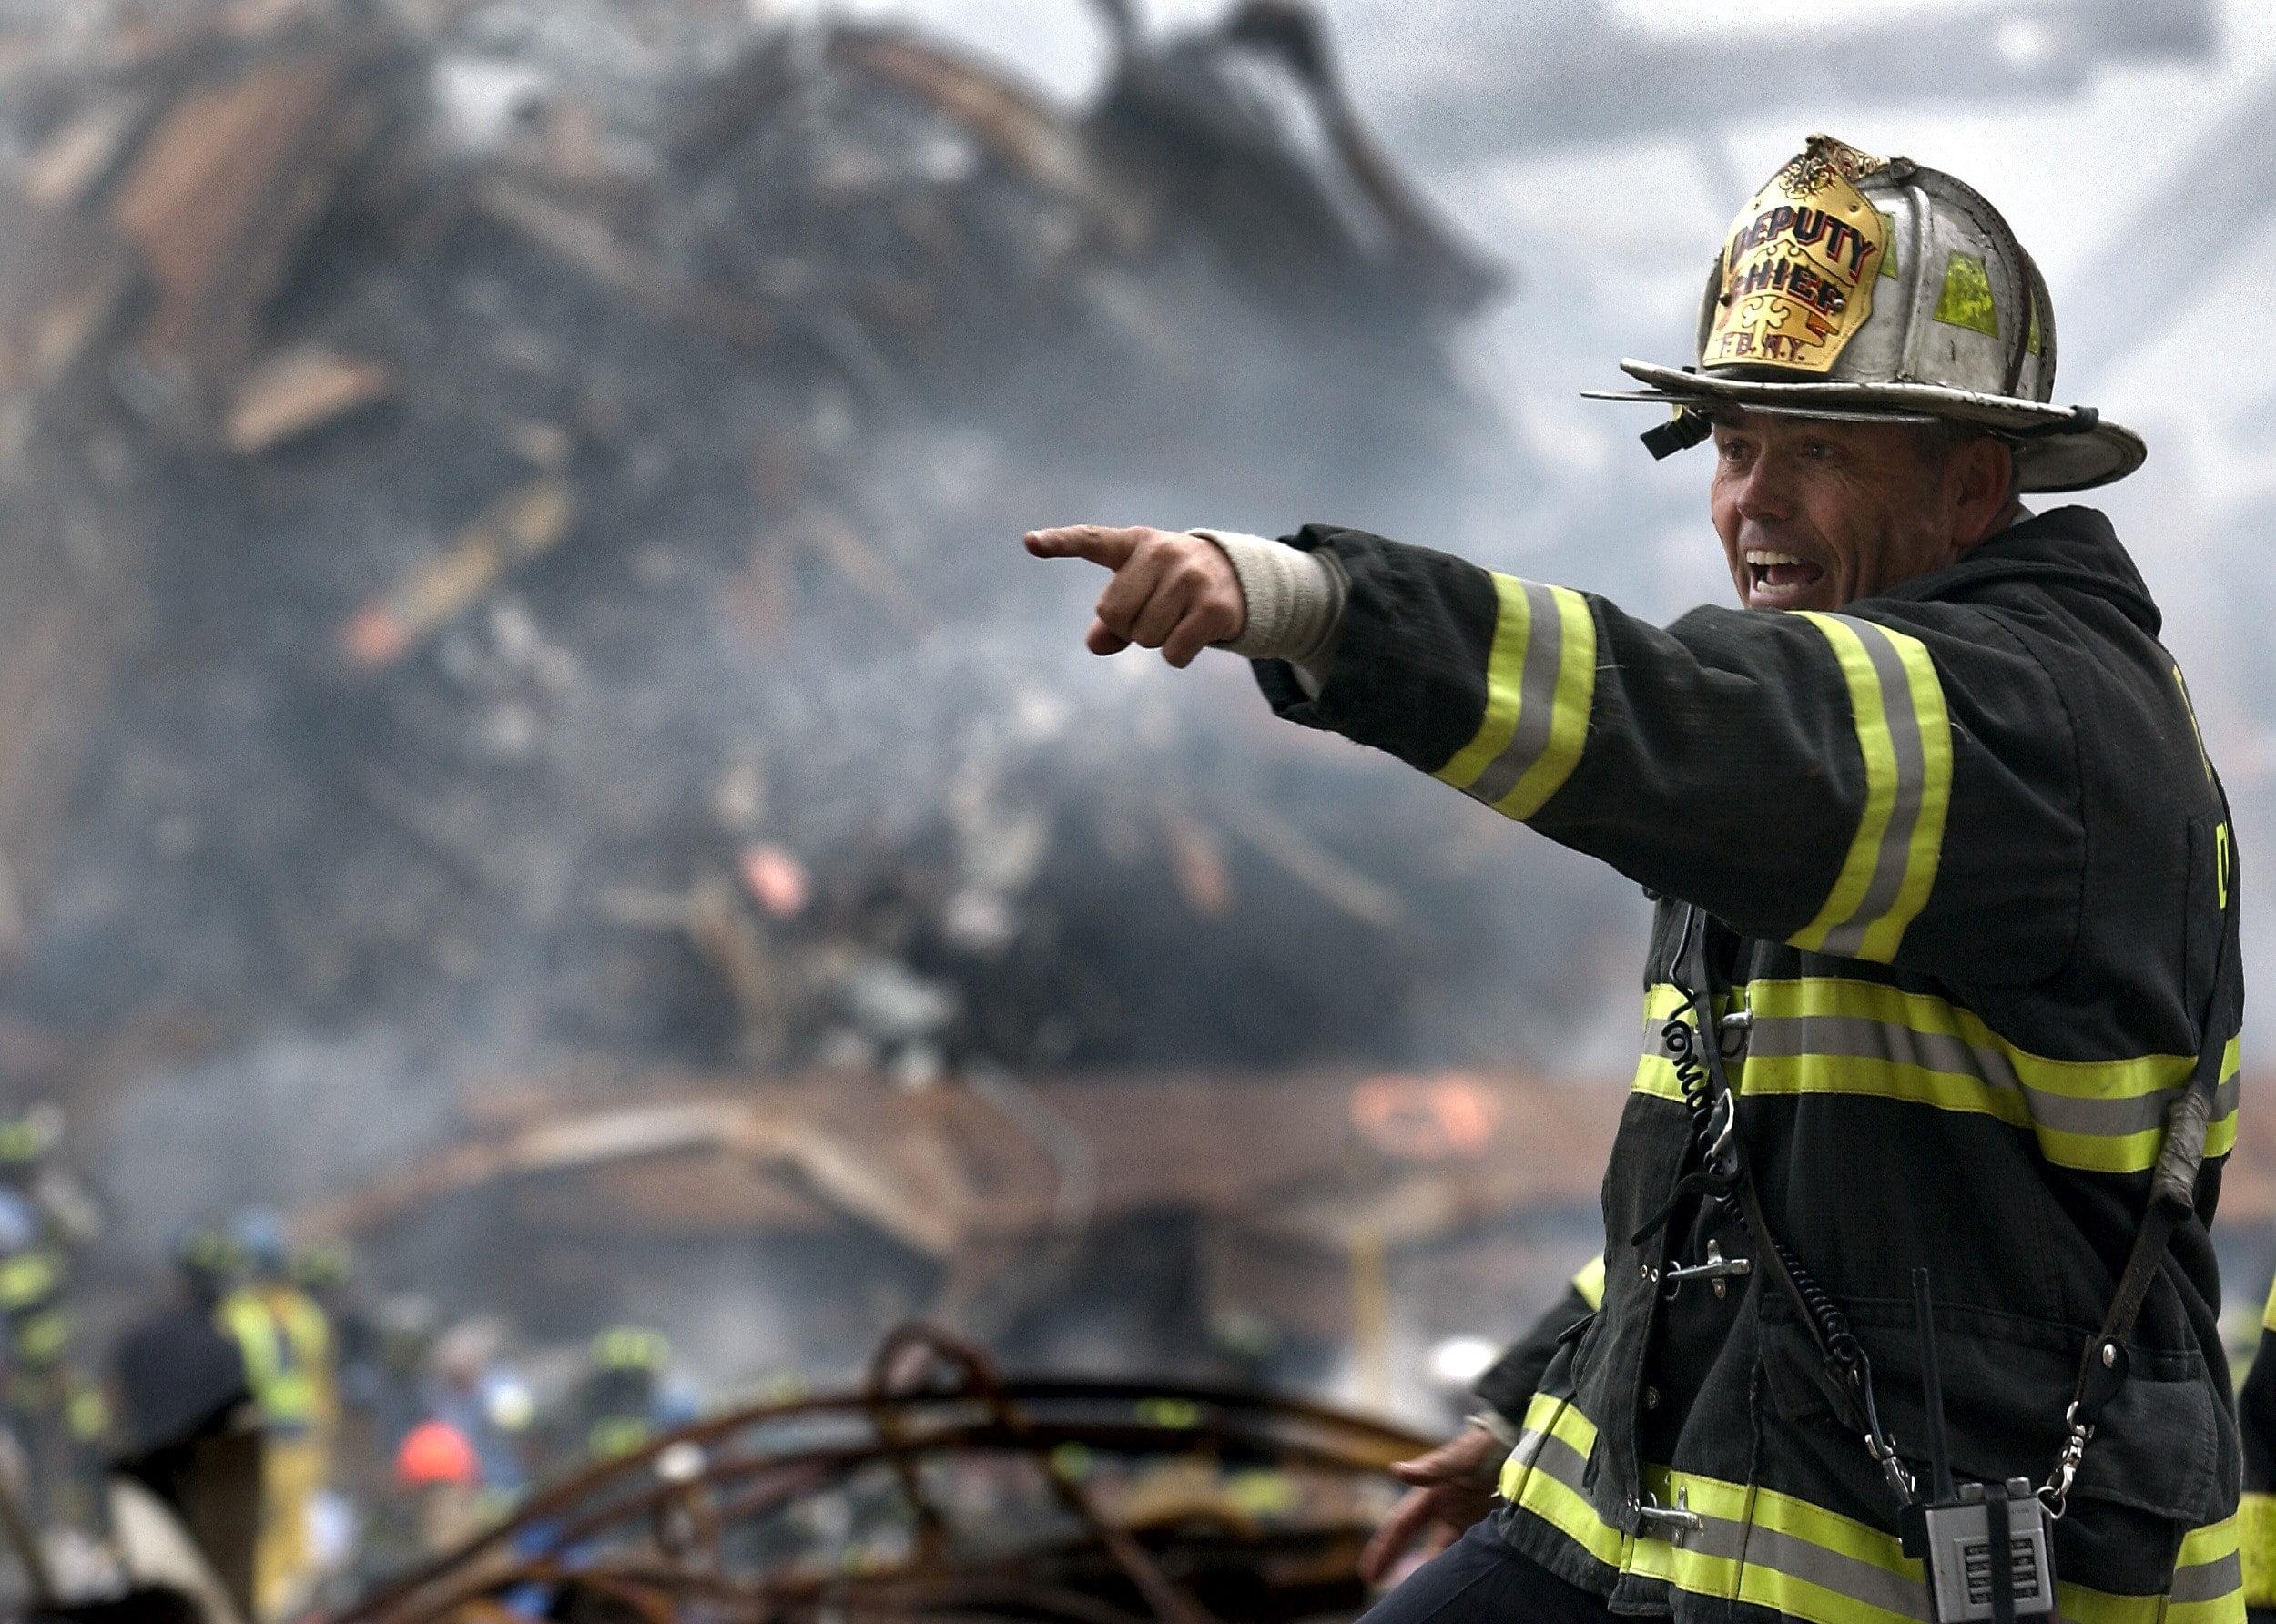 Firefighter in wreckage